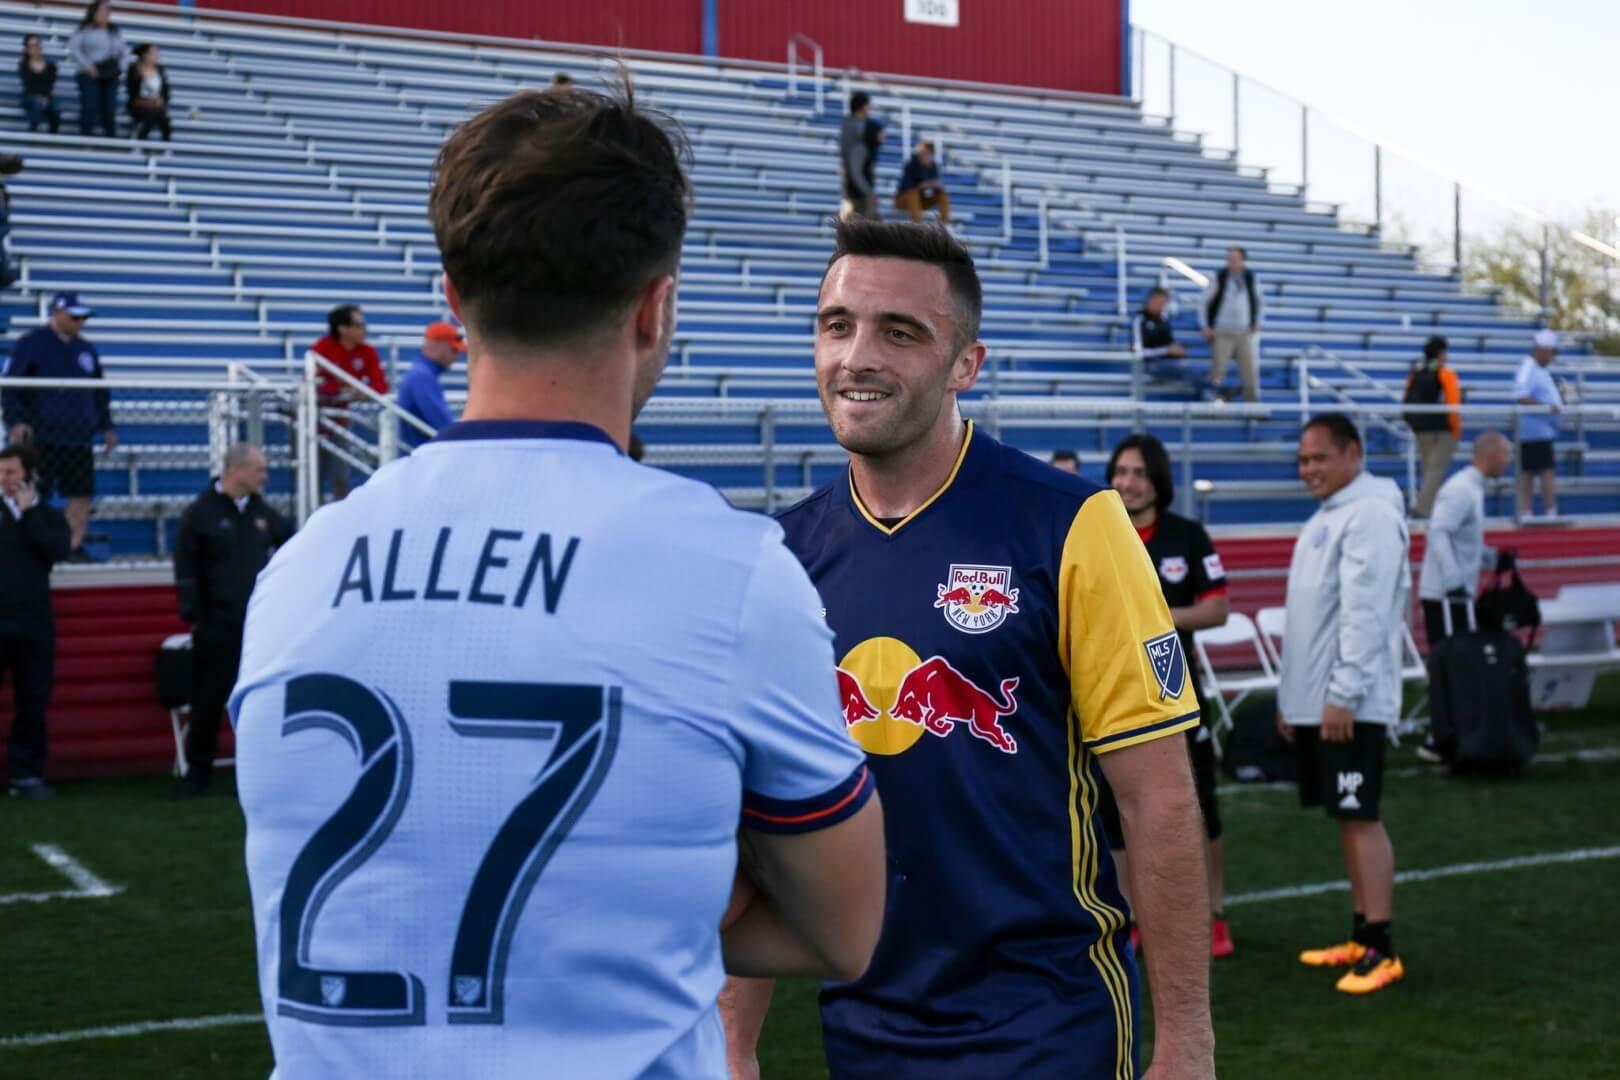 RJ Allen Soccer Player